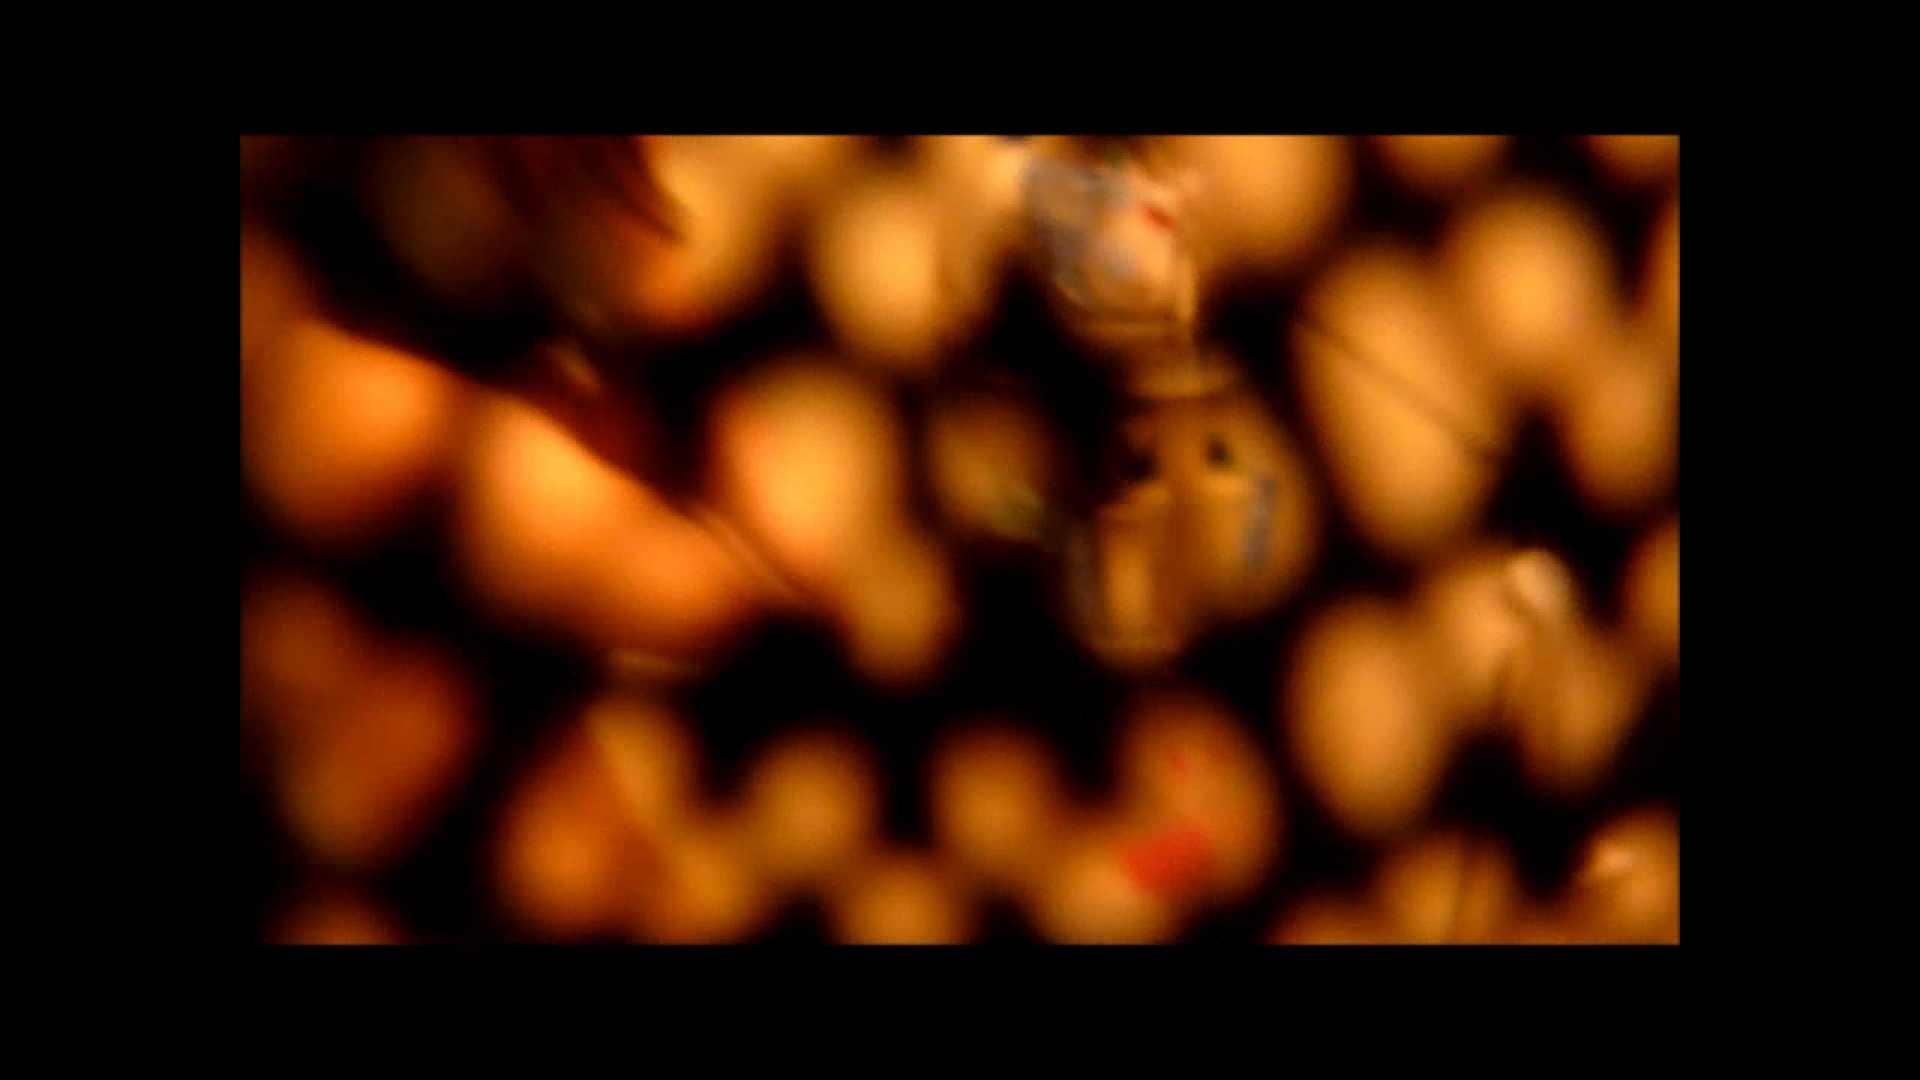 【02】ベランダに侵入して張り込みを始めて・・・やっと結果が出ました。 家宅侵入   0  107pic 11